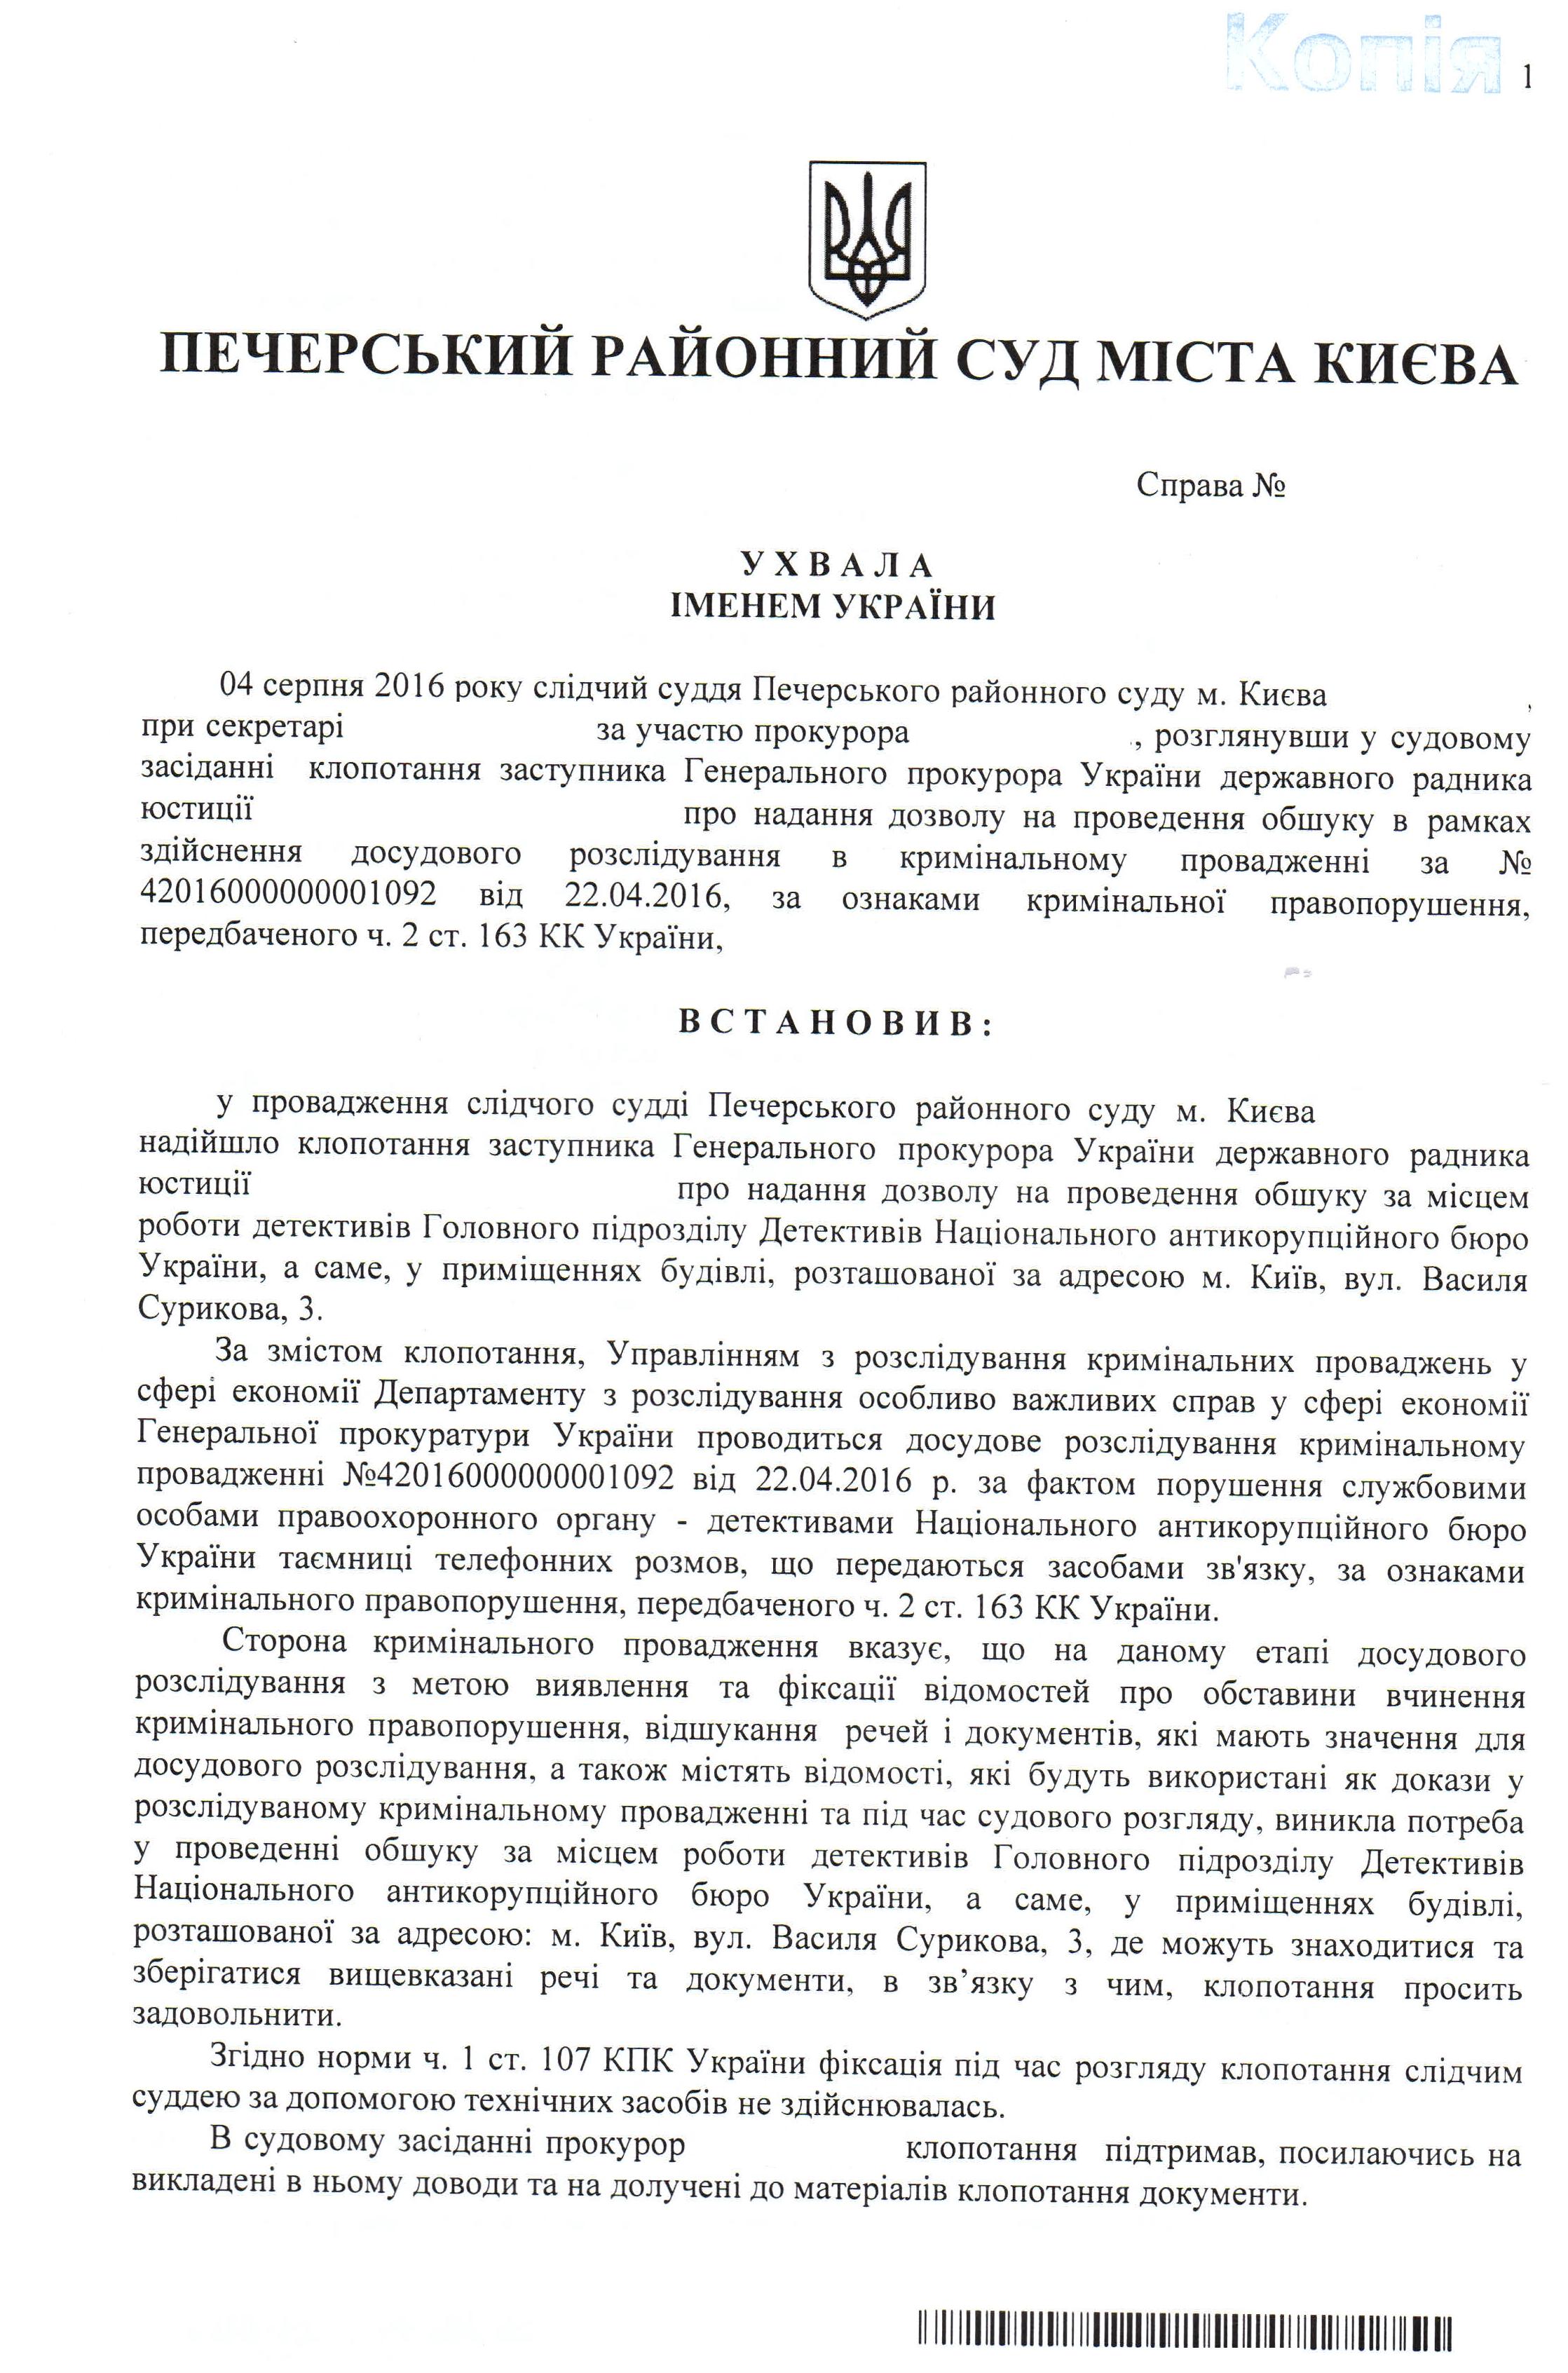 У НАБУ вважають незаконними обшуки, проведені людьми Луценка (ДОКУМЕНТ) - фото 1